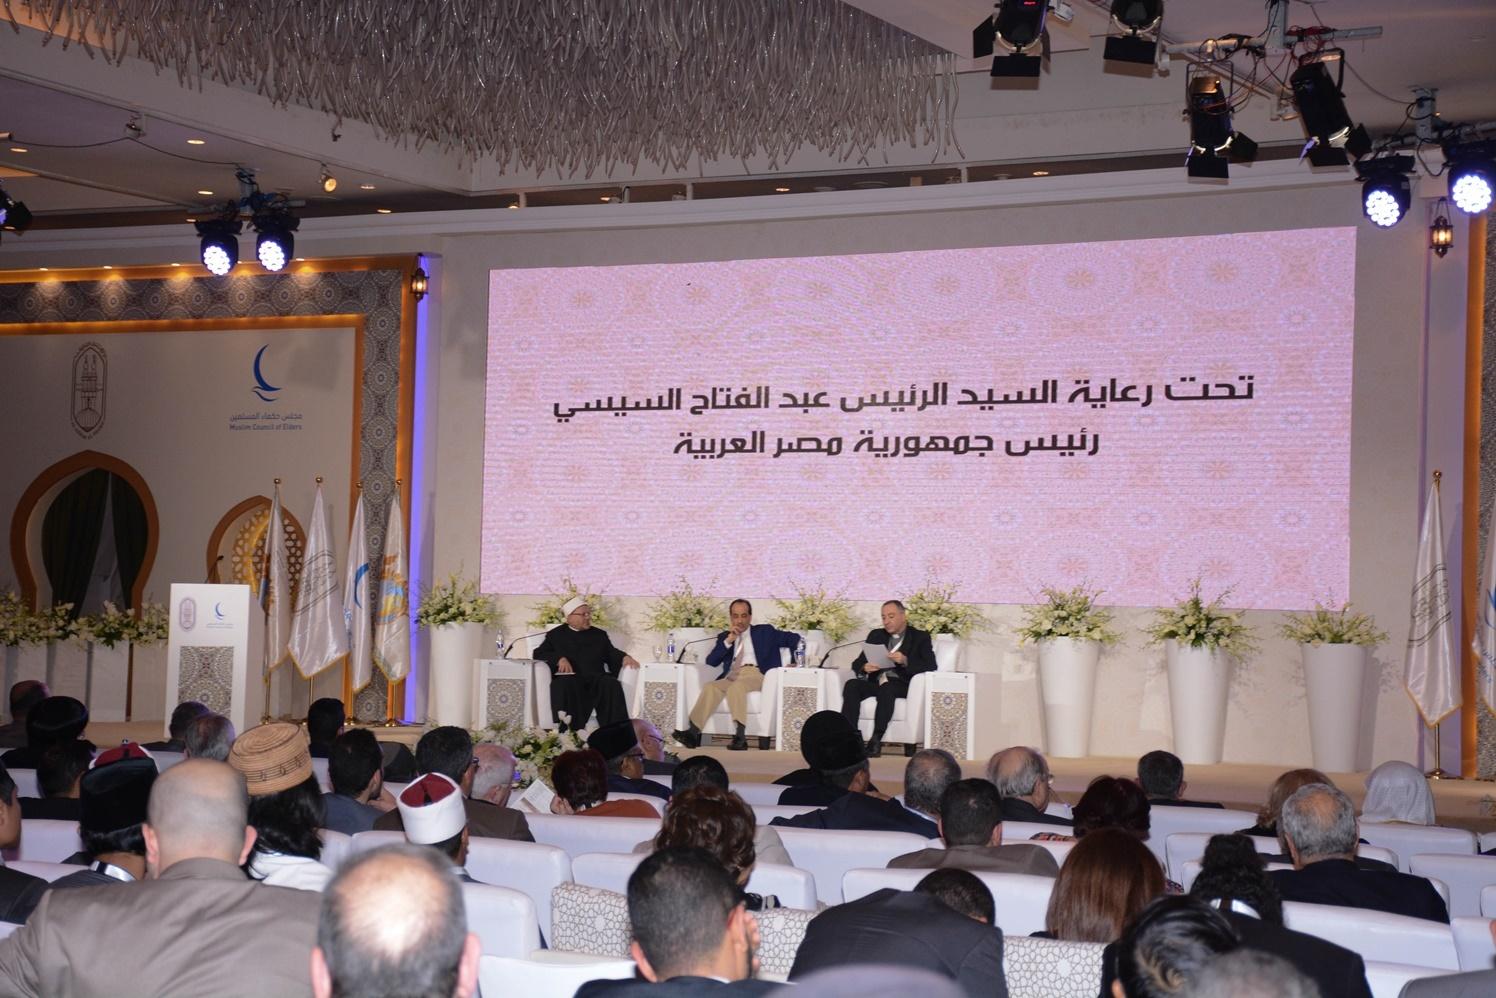 Muslim Council of Elders 7